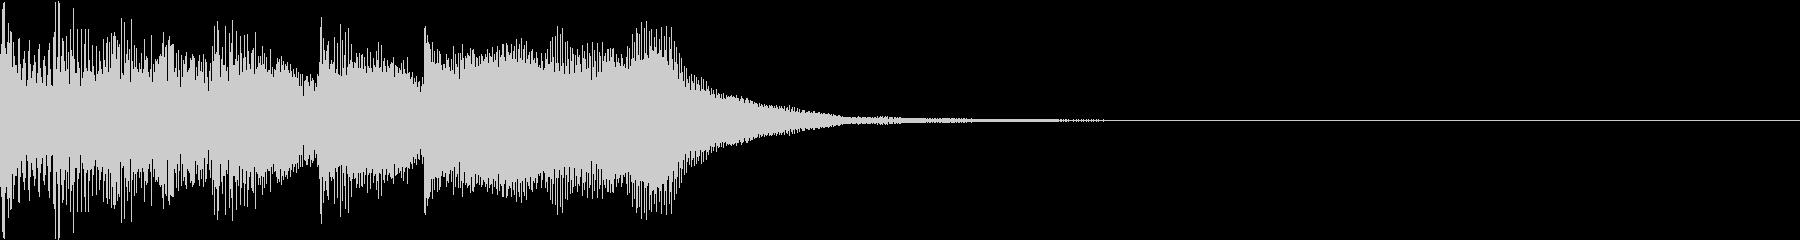 ファミコン風 レトロ ファンファーレ Hの未再生の波形